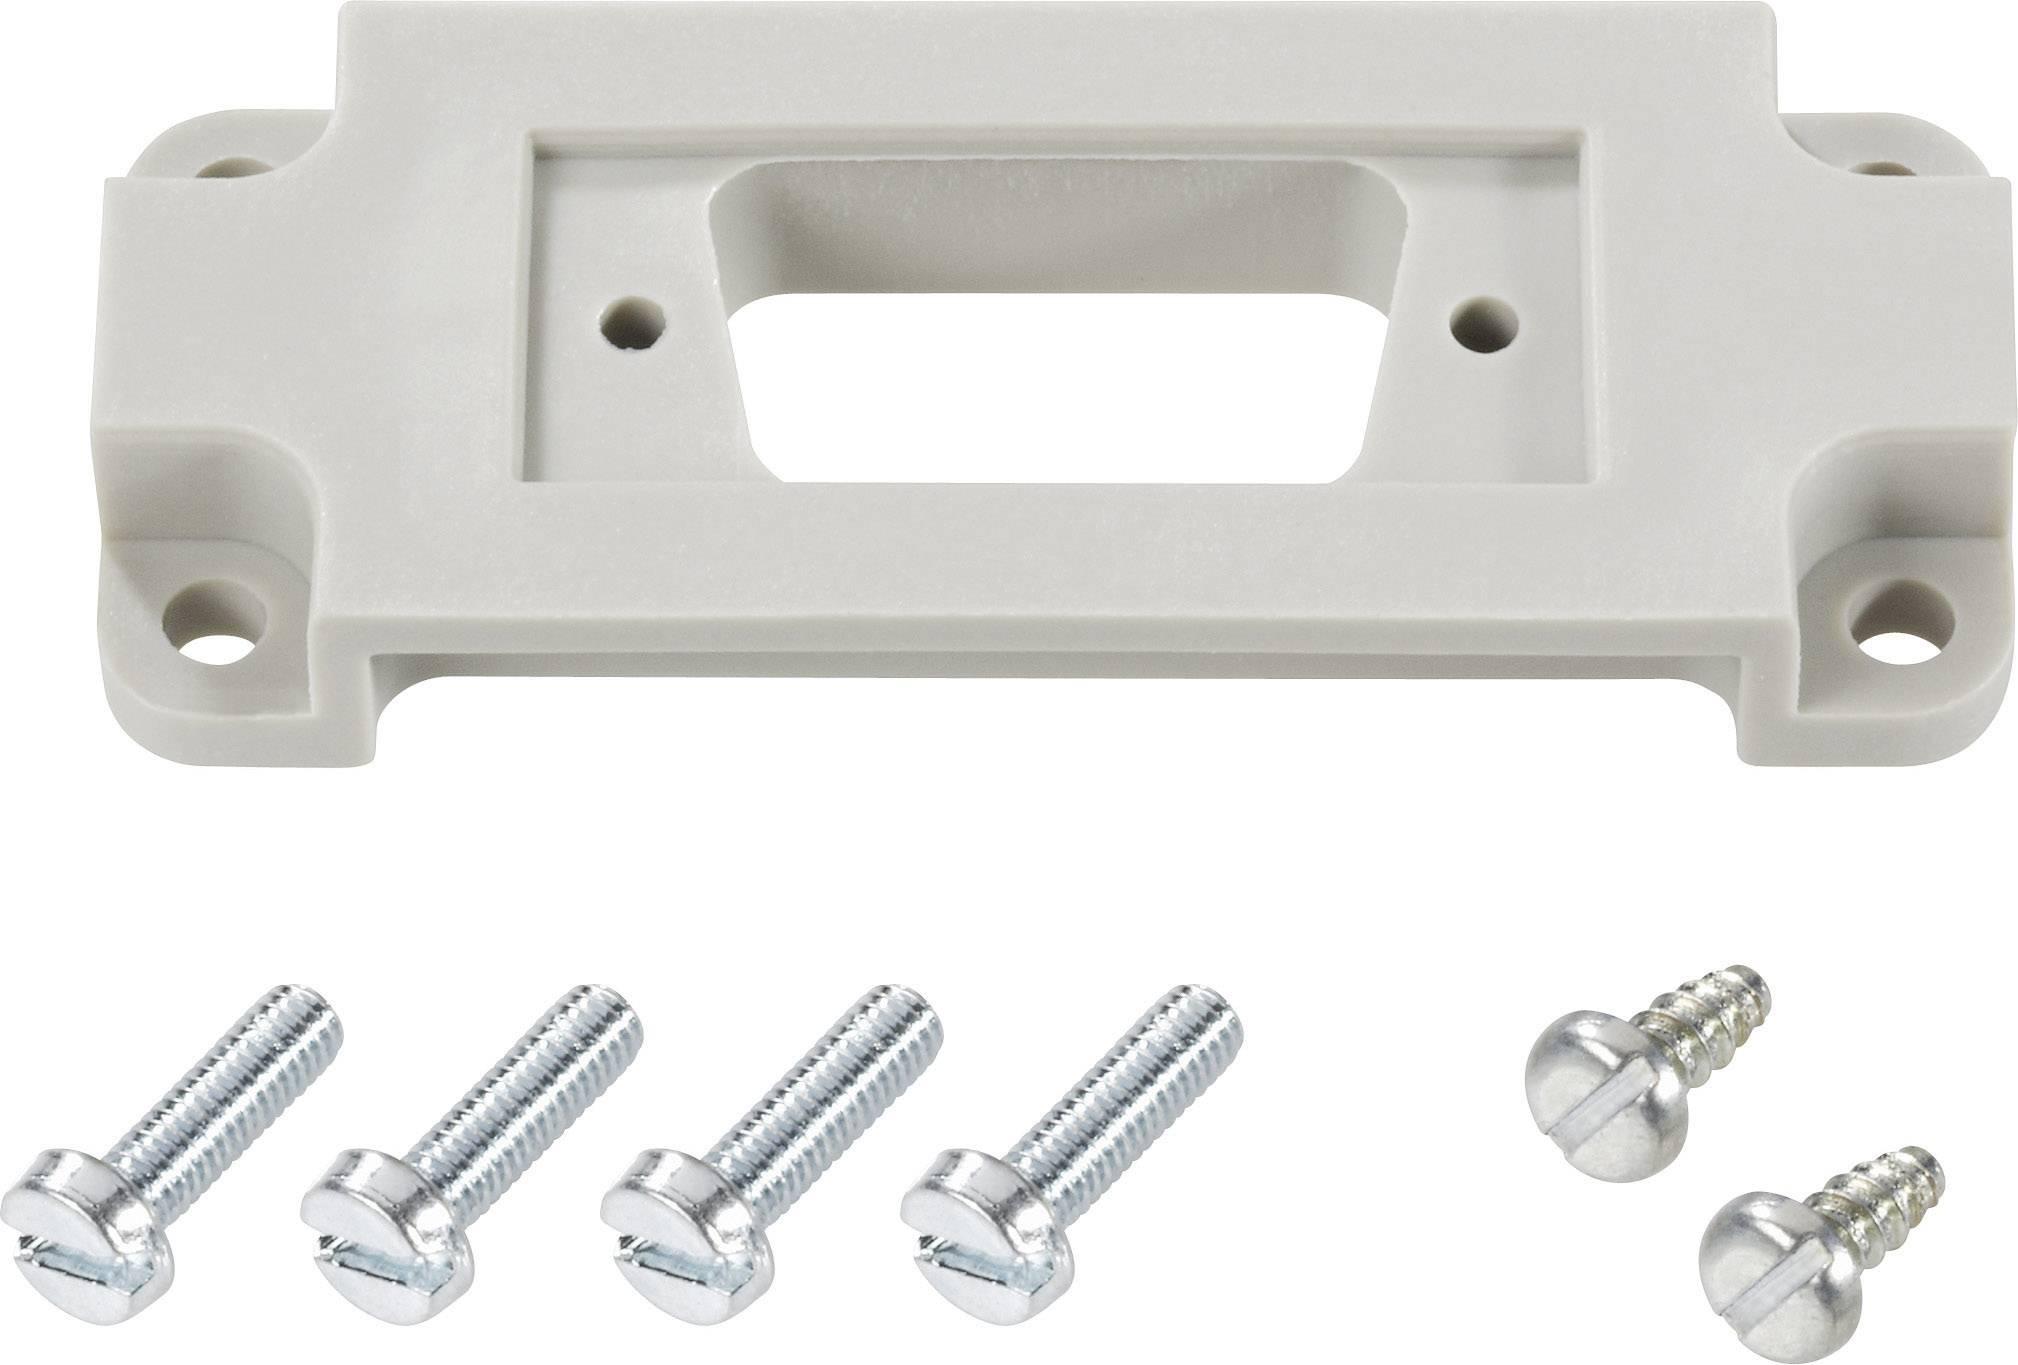 D-SUB adaptér pro pouzdro řady Han A® Han® 10A-D-Sub 9 Harting, 1 ks